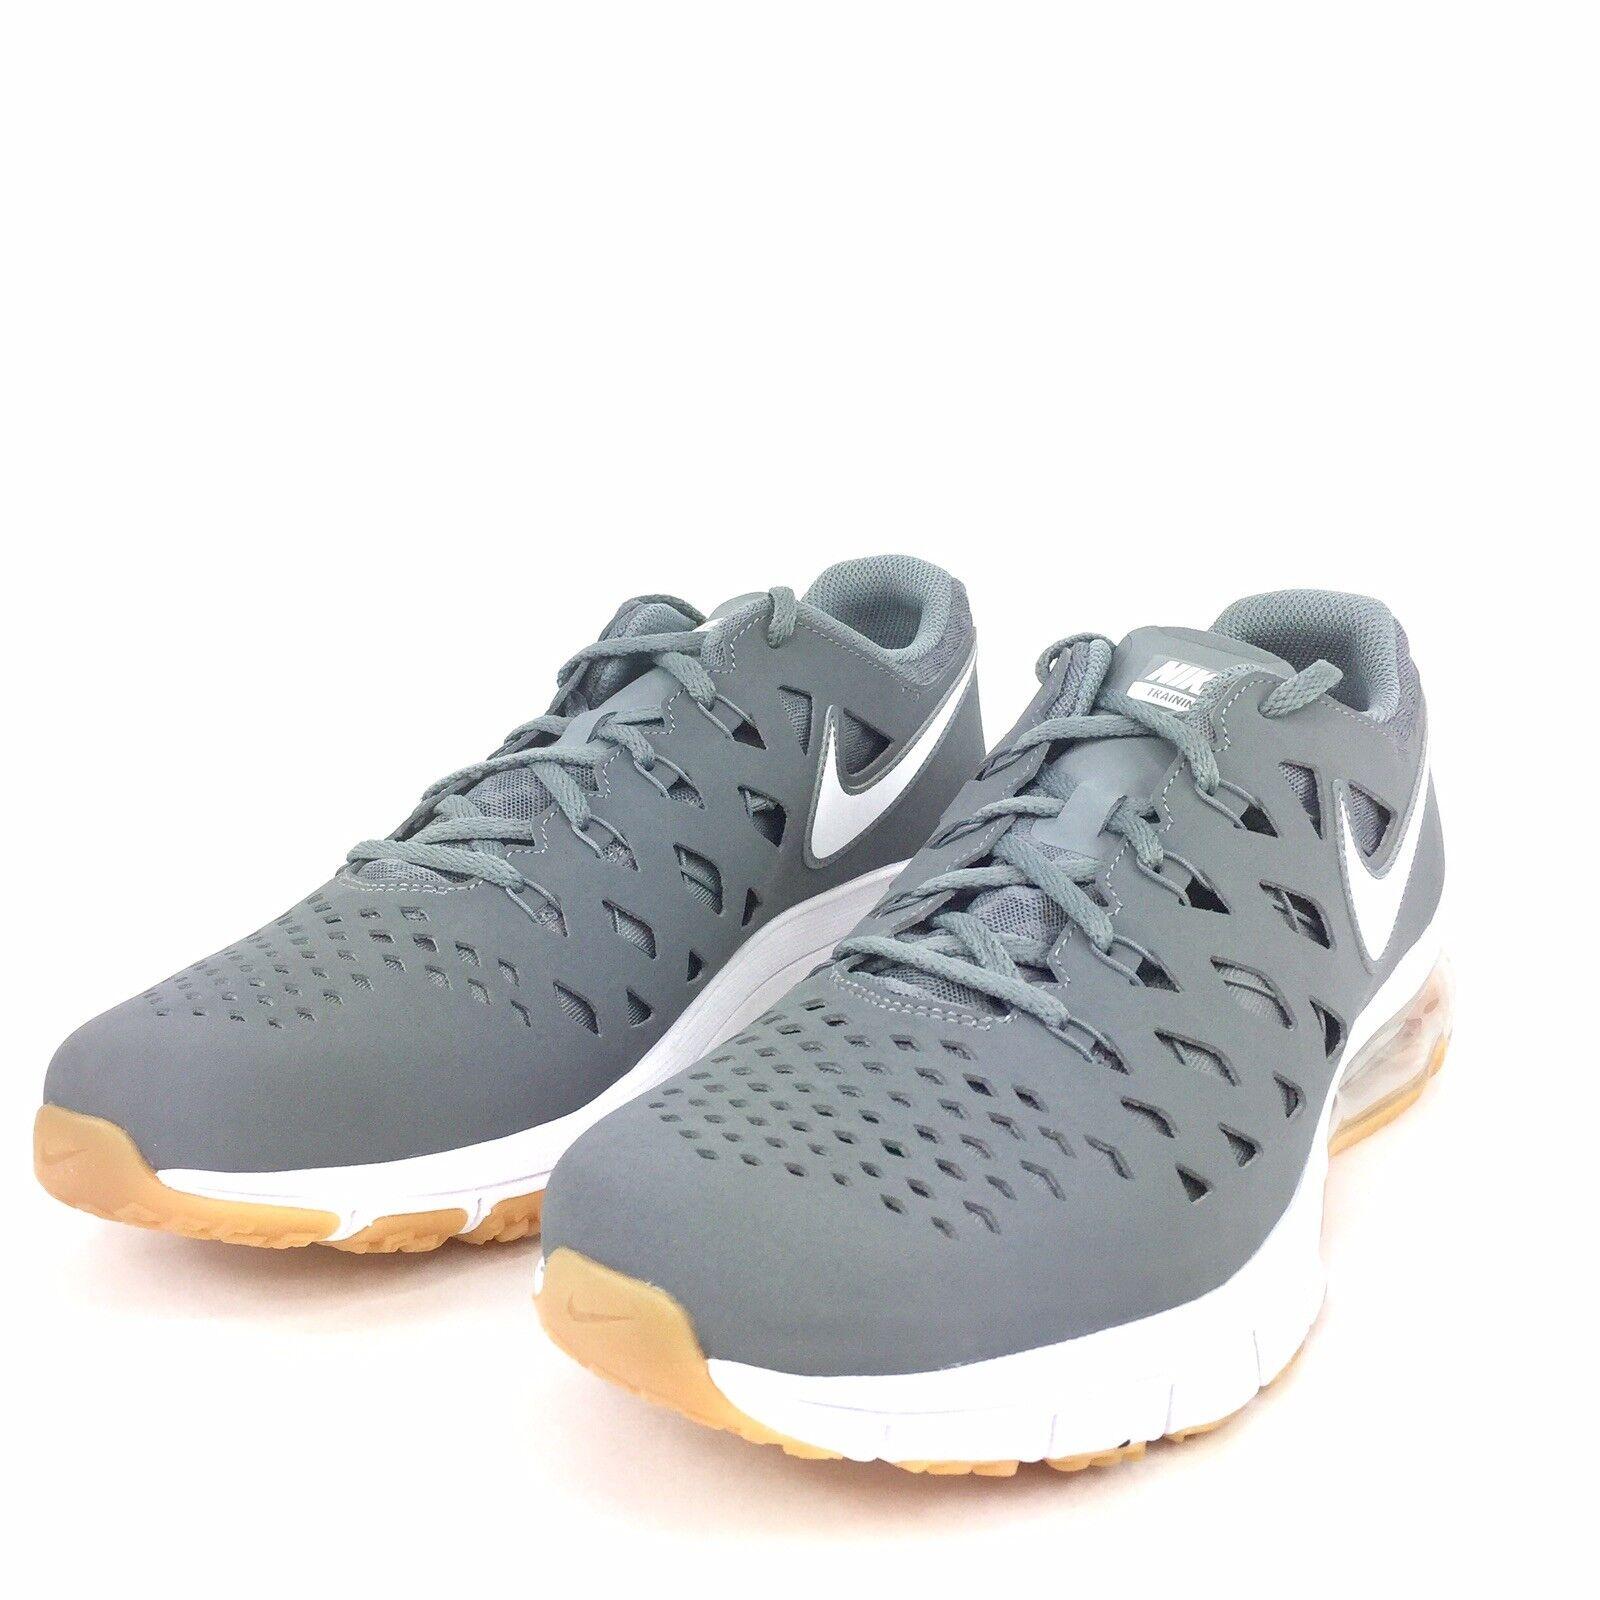 Nike air trainer 180 uomini scarpe cool grey white gomma gomma white med brown 916460 002 numero 11 60d4e7